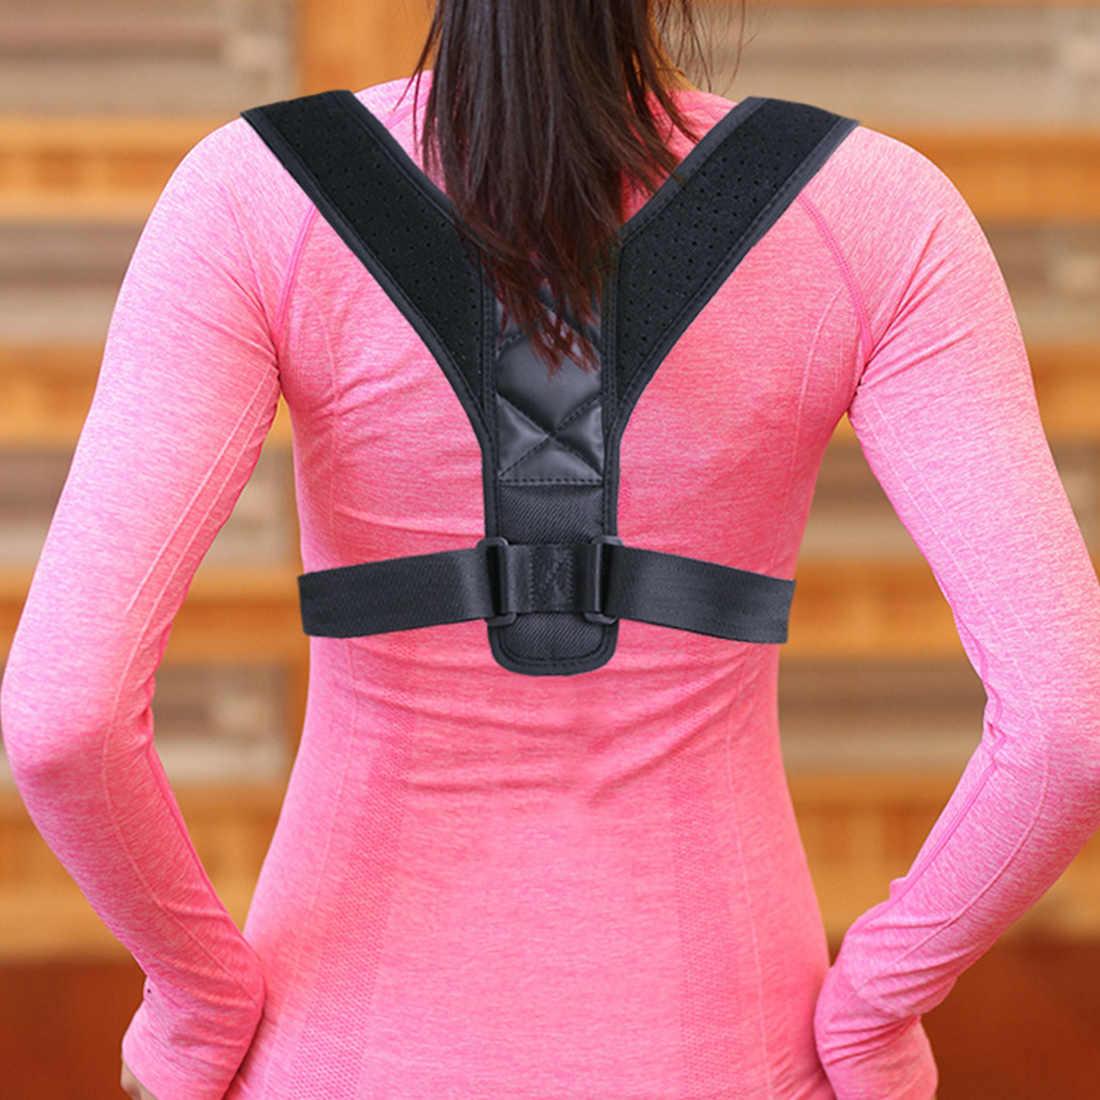 Einstellbar Erwachsene Kinder Korsett Wirbelsäule Unterstützung Gürtel Schlechte Haltung Korrektor Rückseite Schulter Haltung Korrektur Gürtel corretor postural